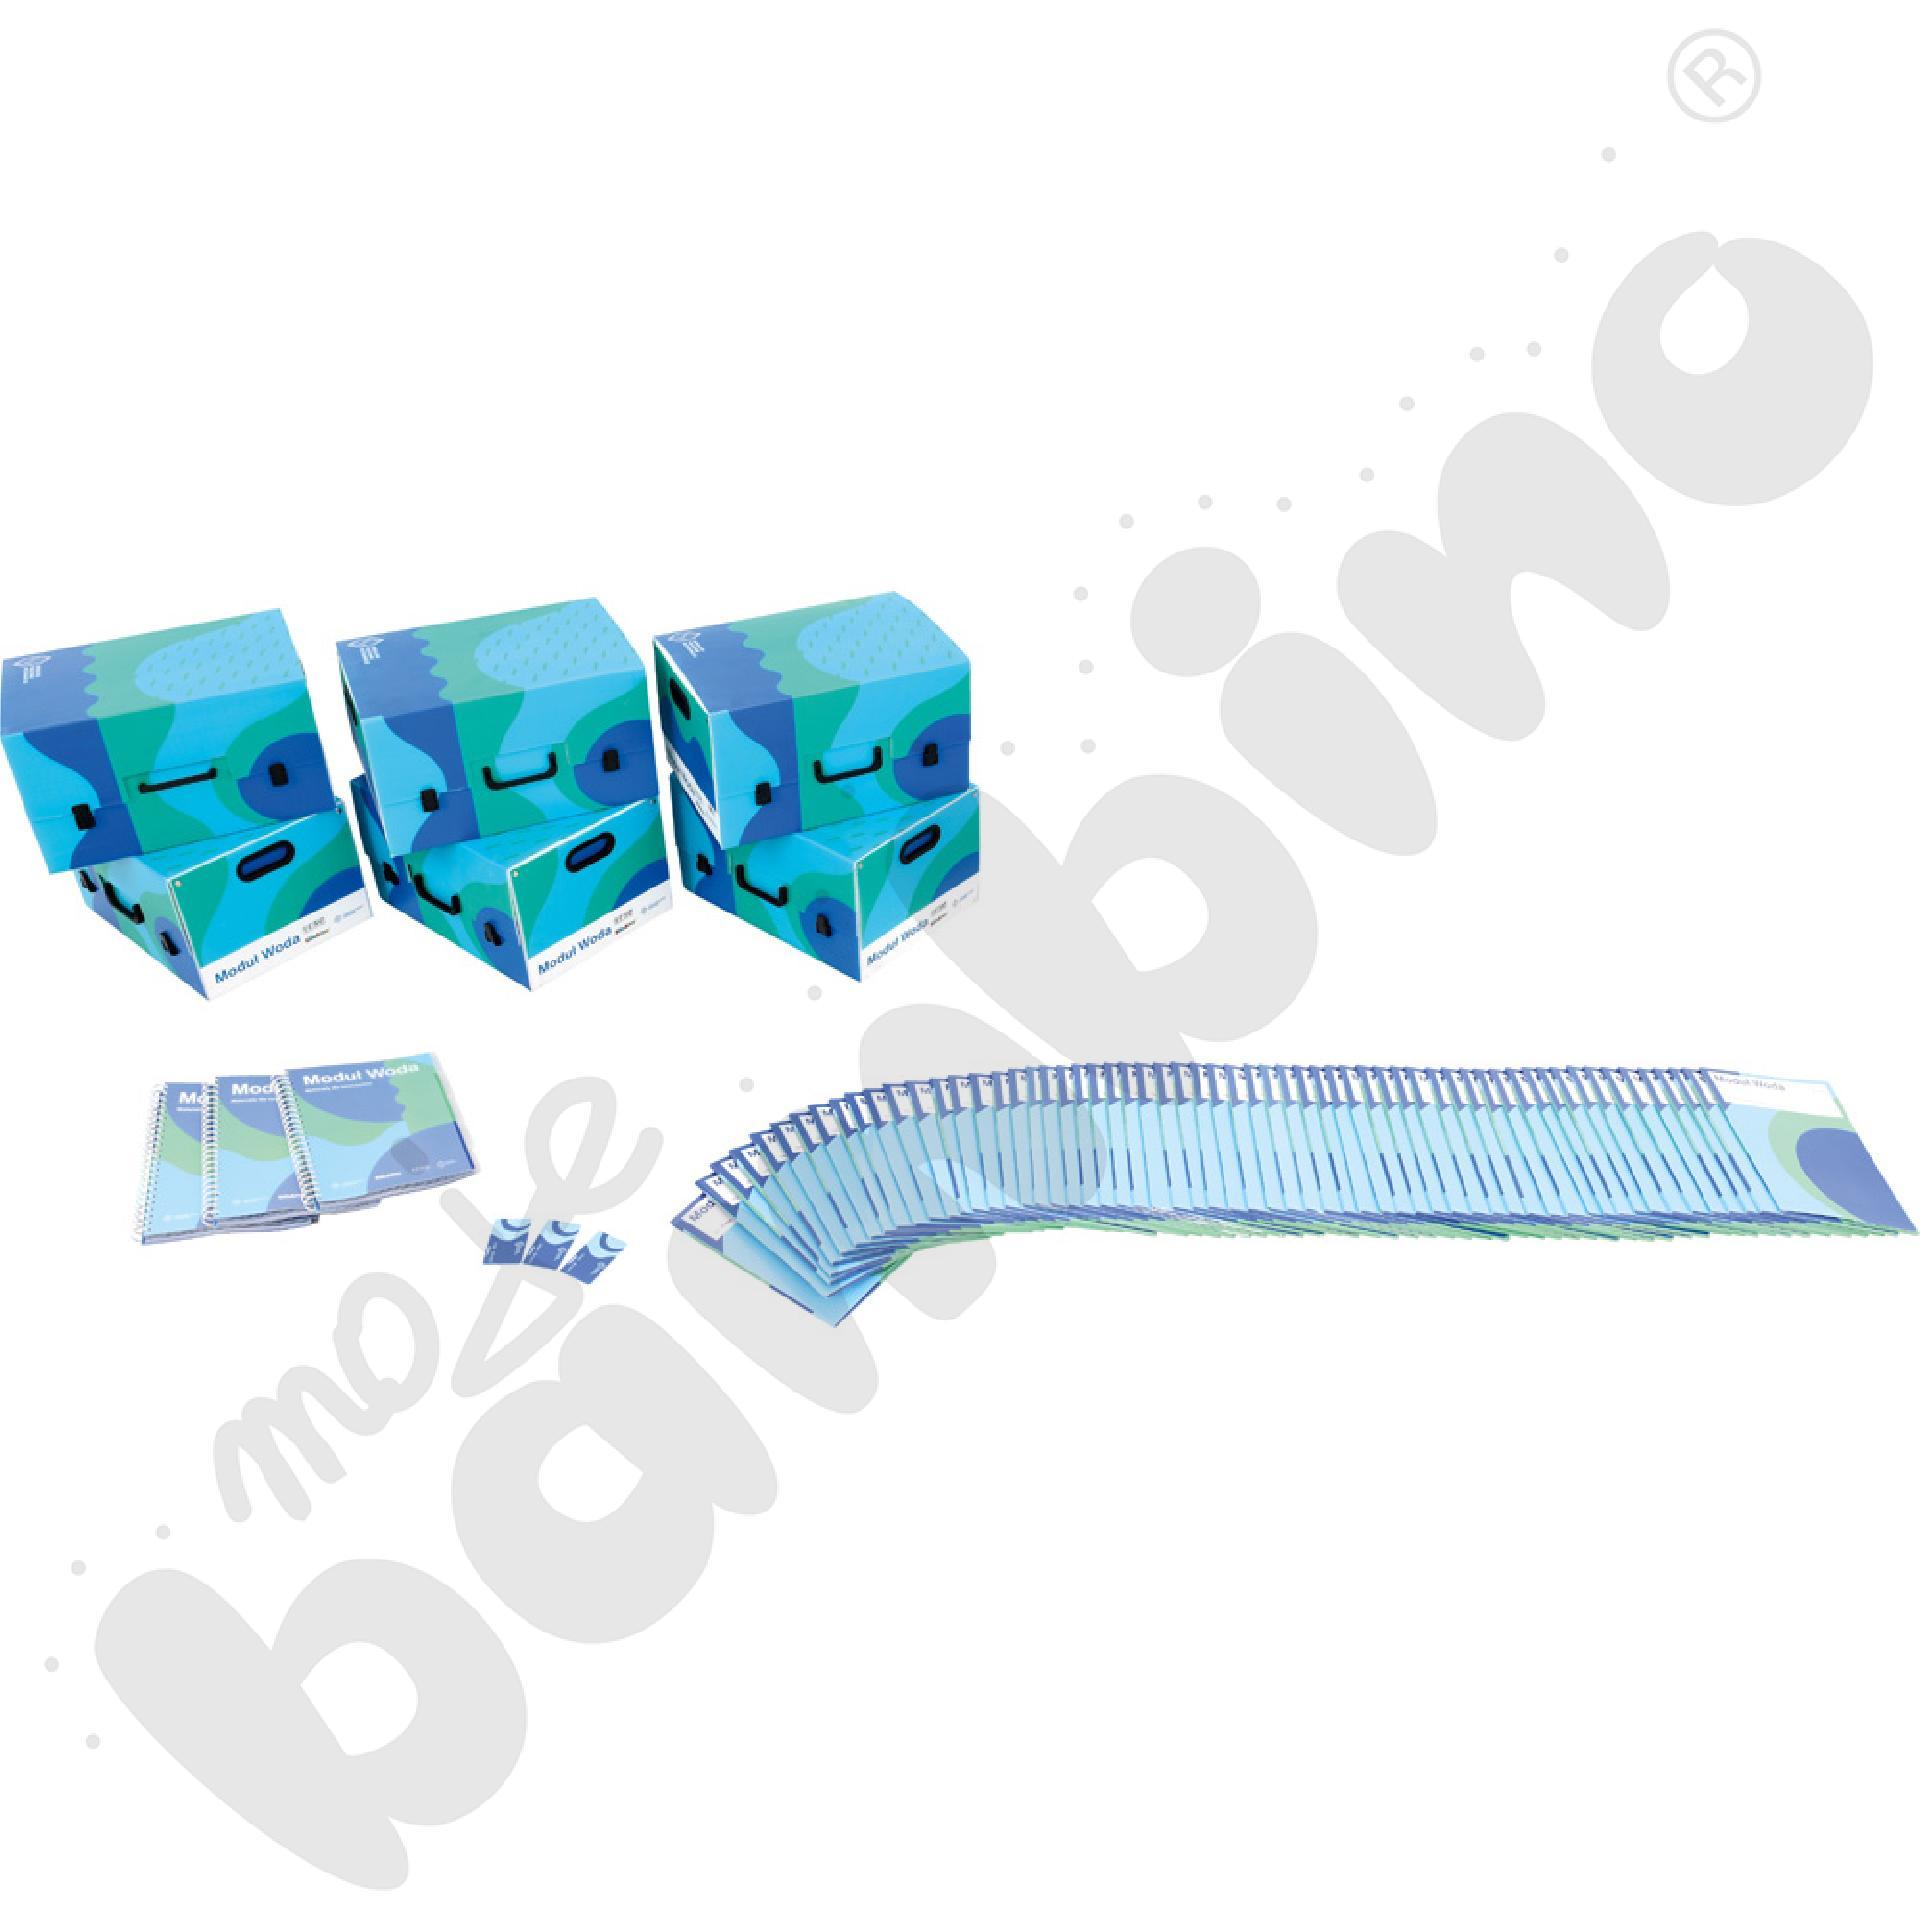 Modułowe Pracownie Przyrodnicze - moduł WODA - pakiet klasowy z 3 podręcznikami